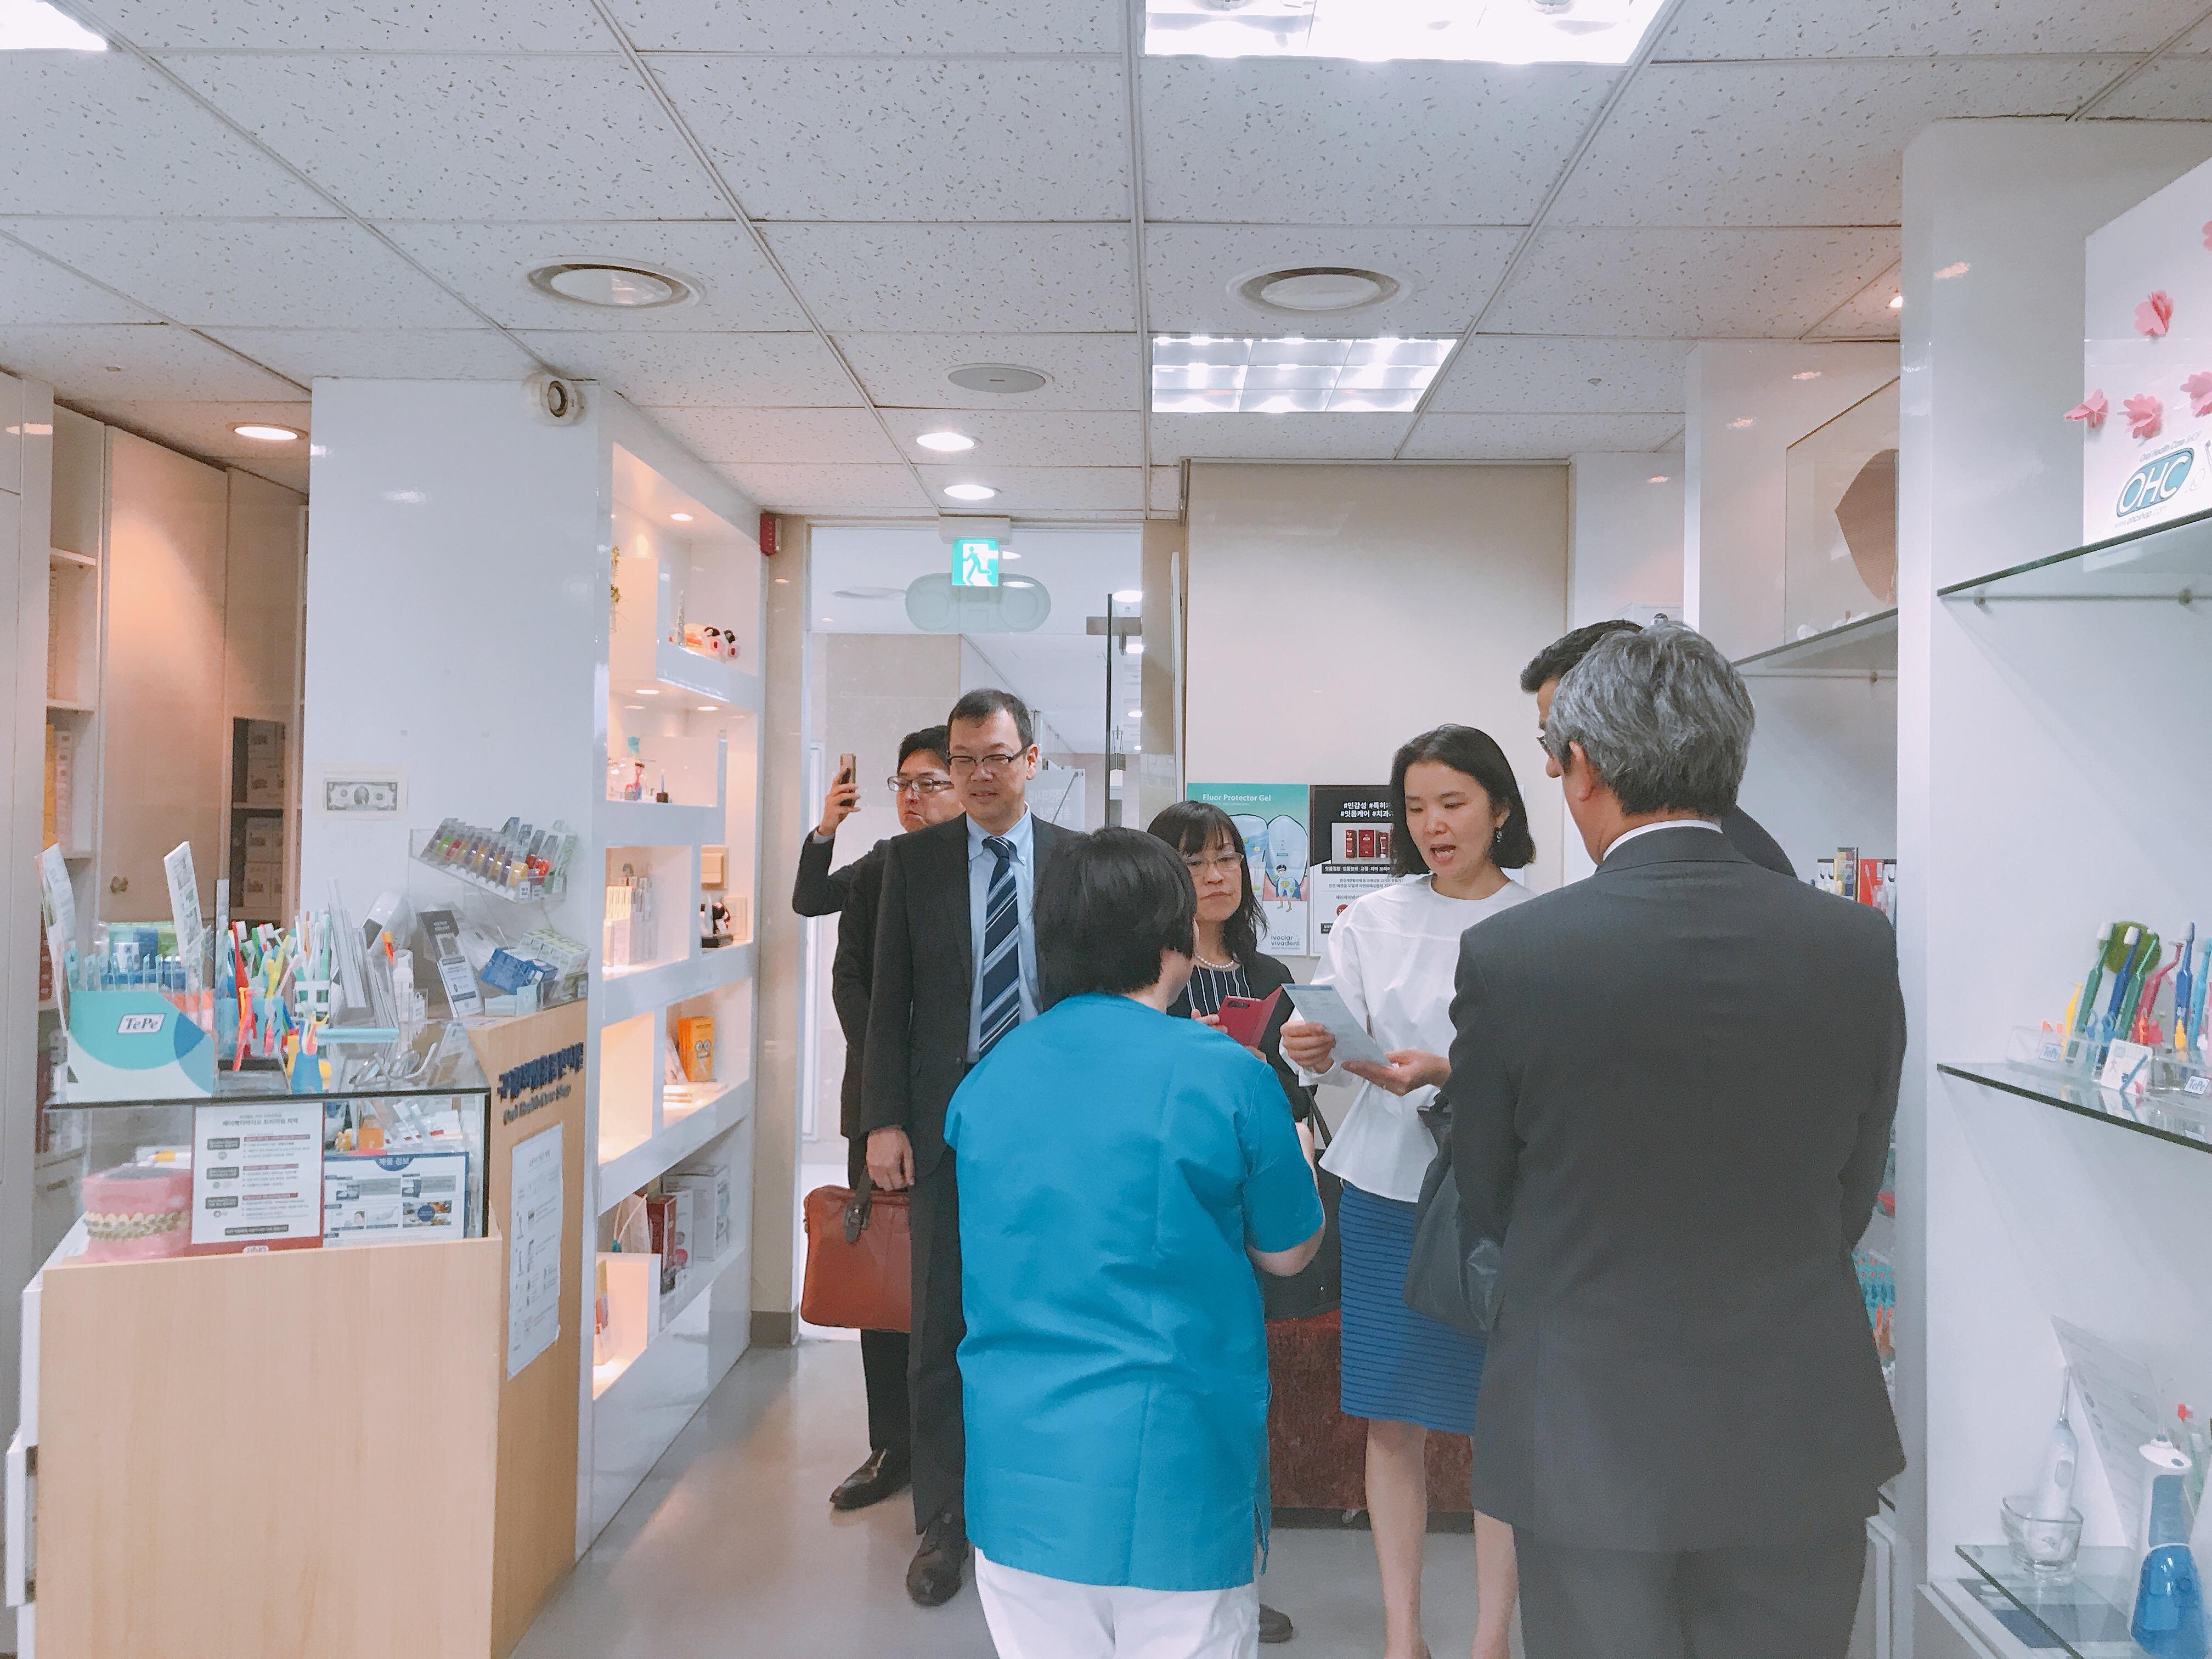 2019-5-13 일본 라이온 본사 직원 혜화방문 12.jpg